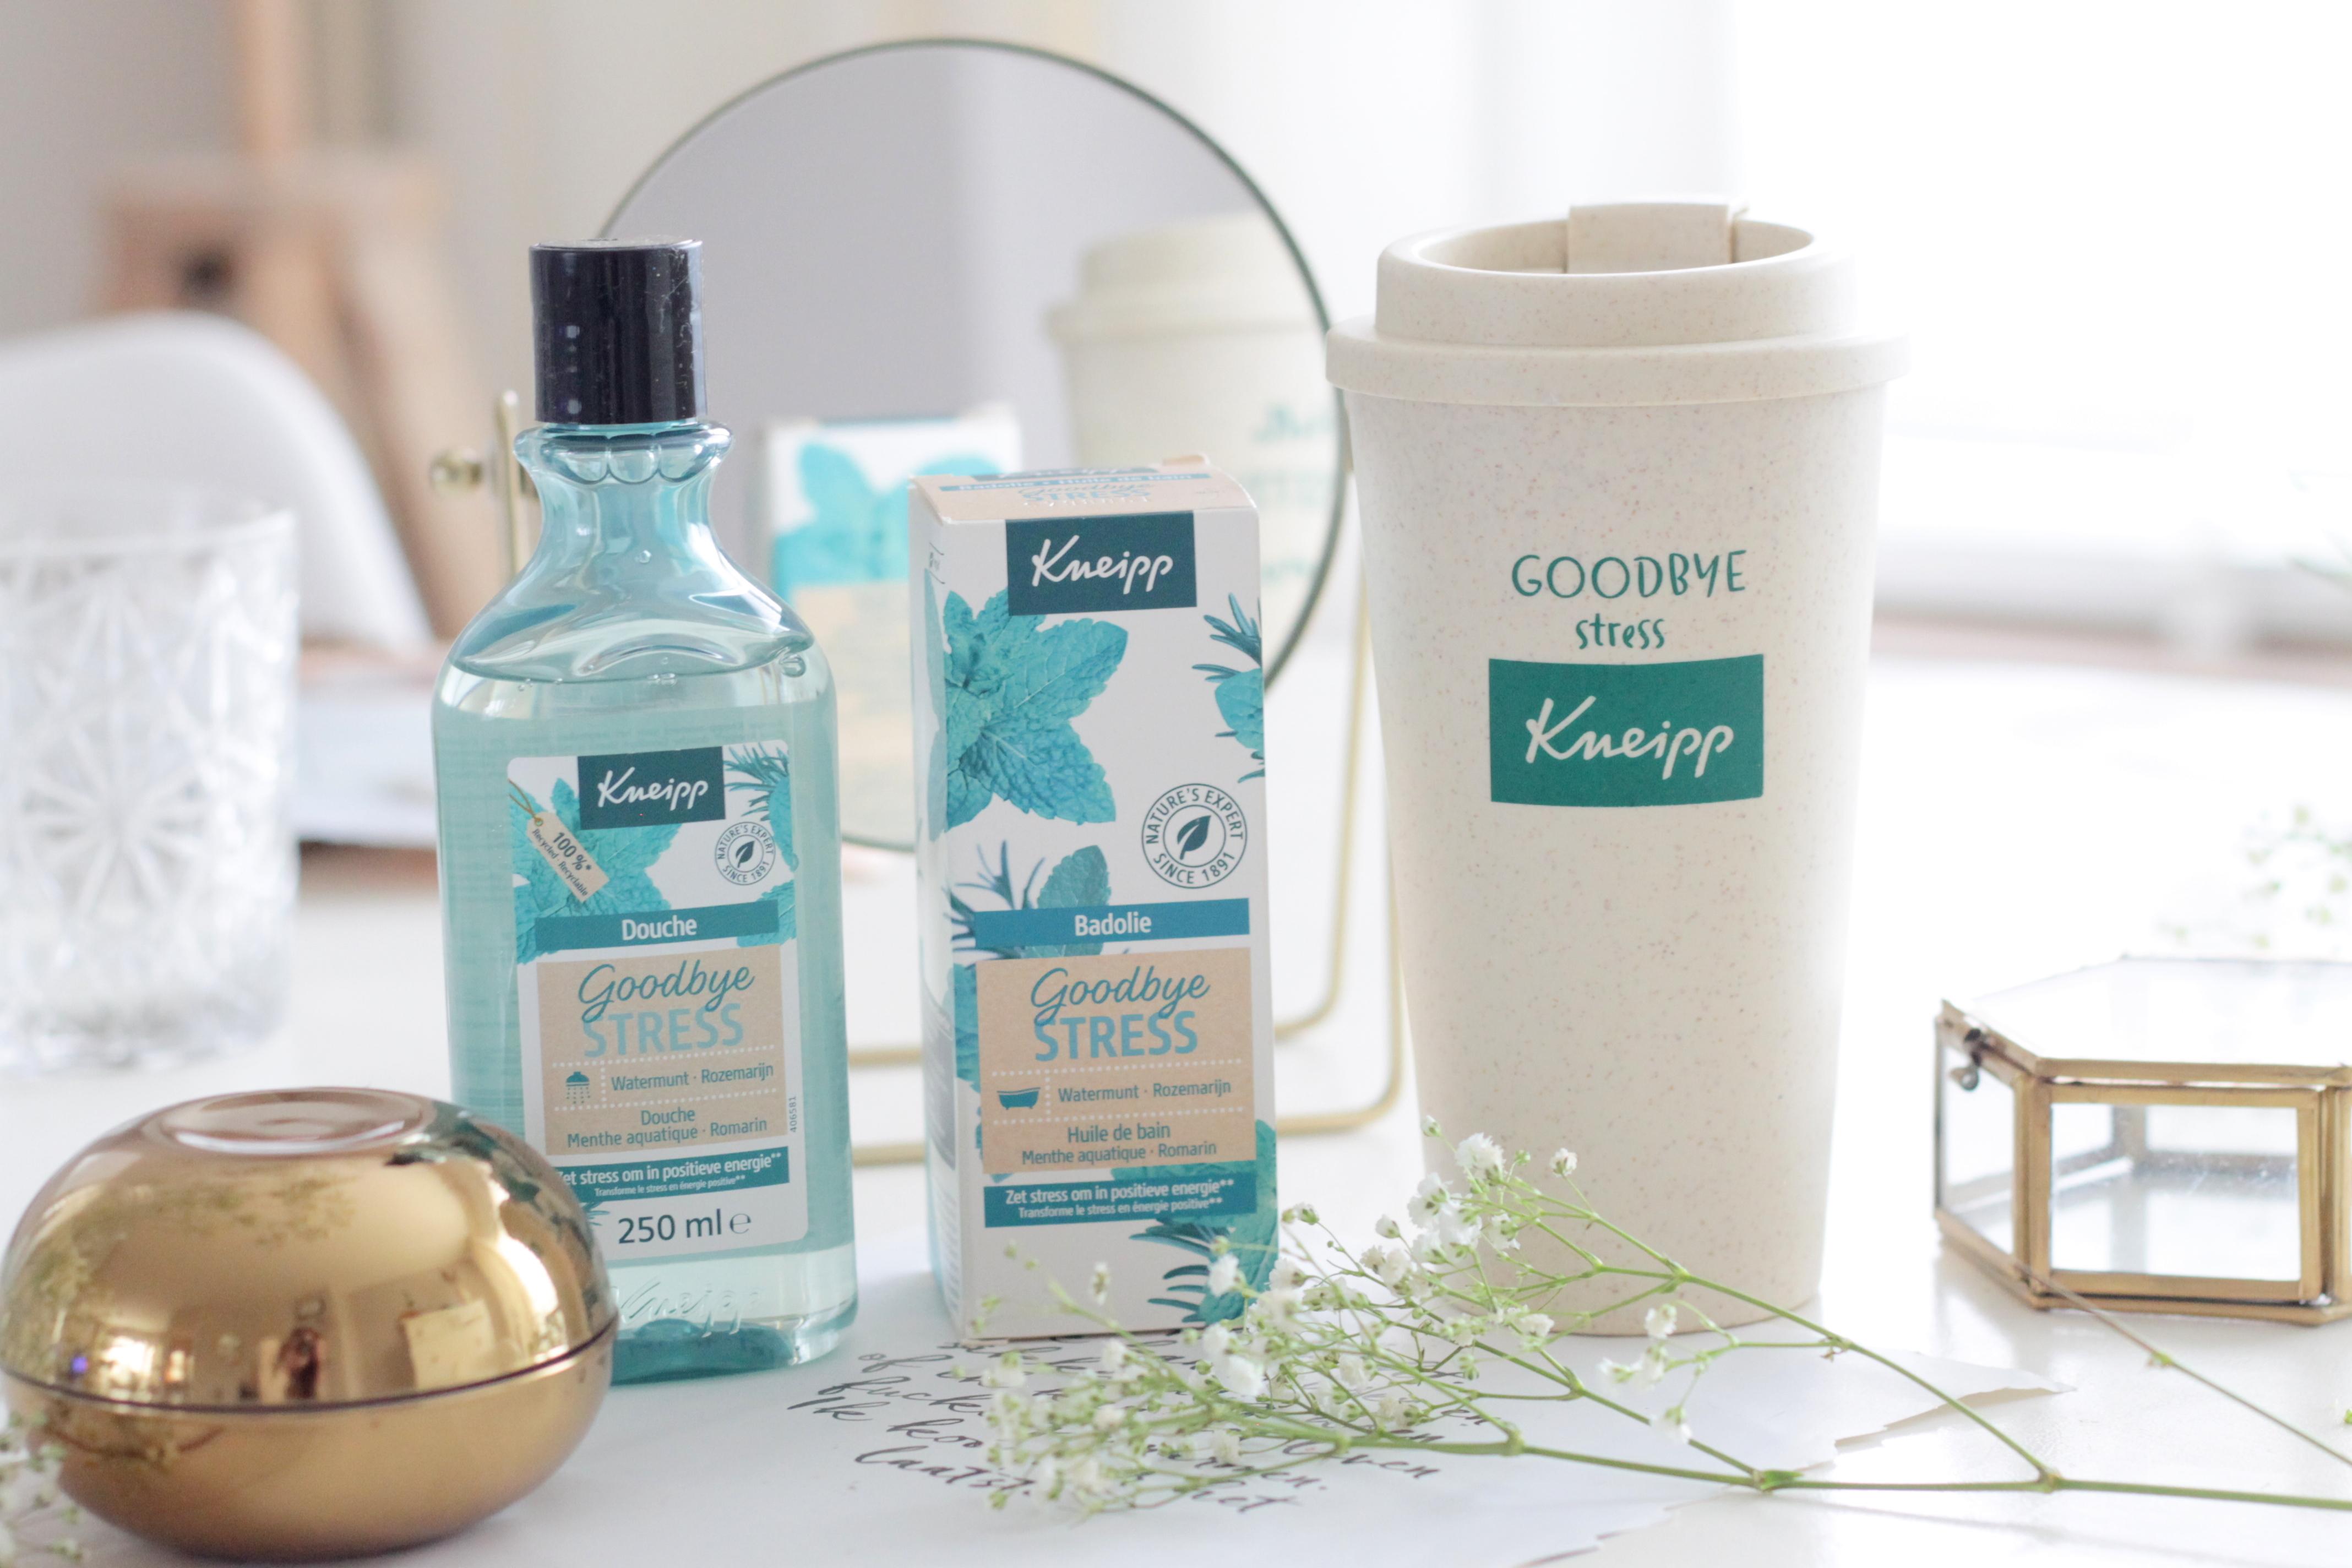 Kneipp Goodbye Stress